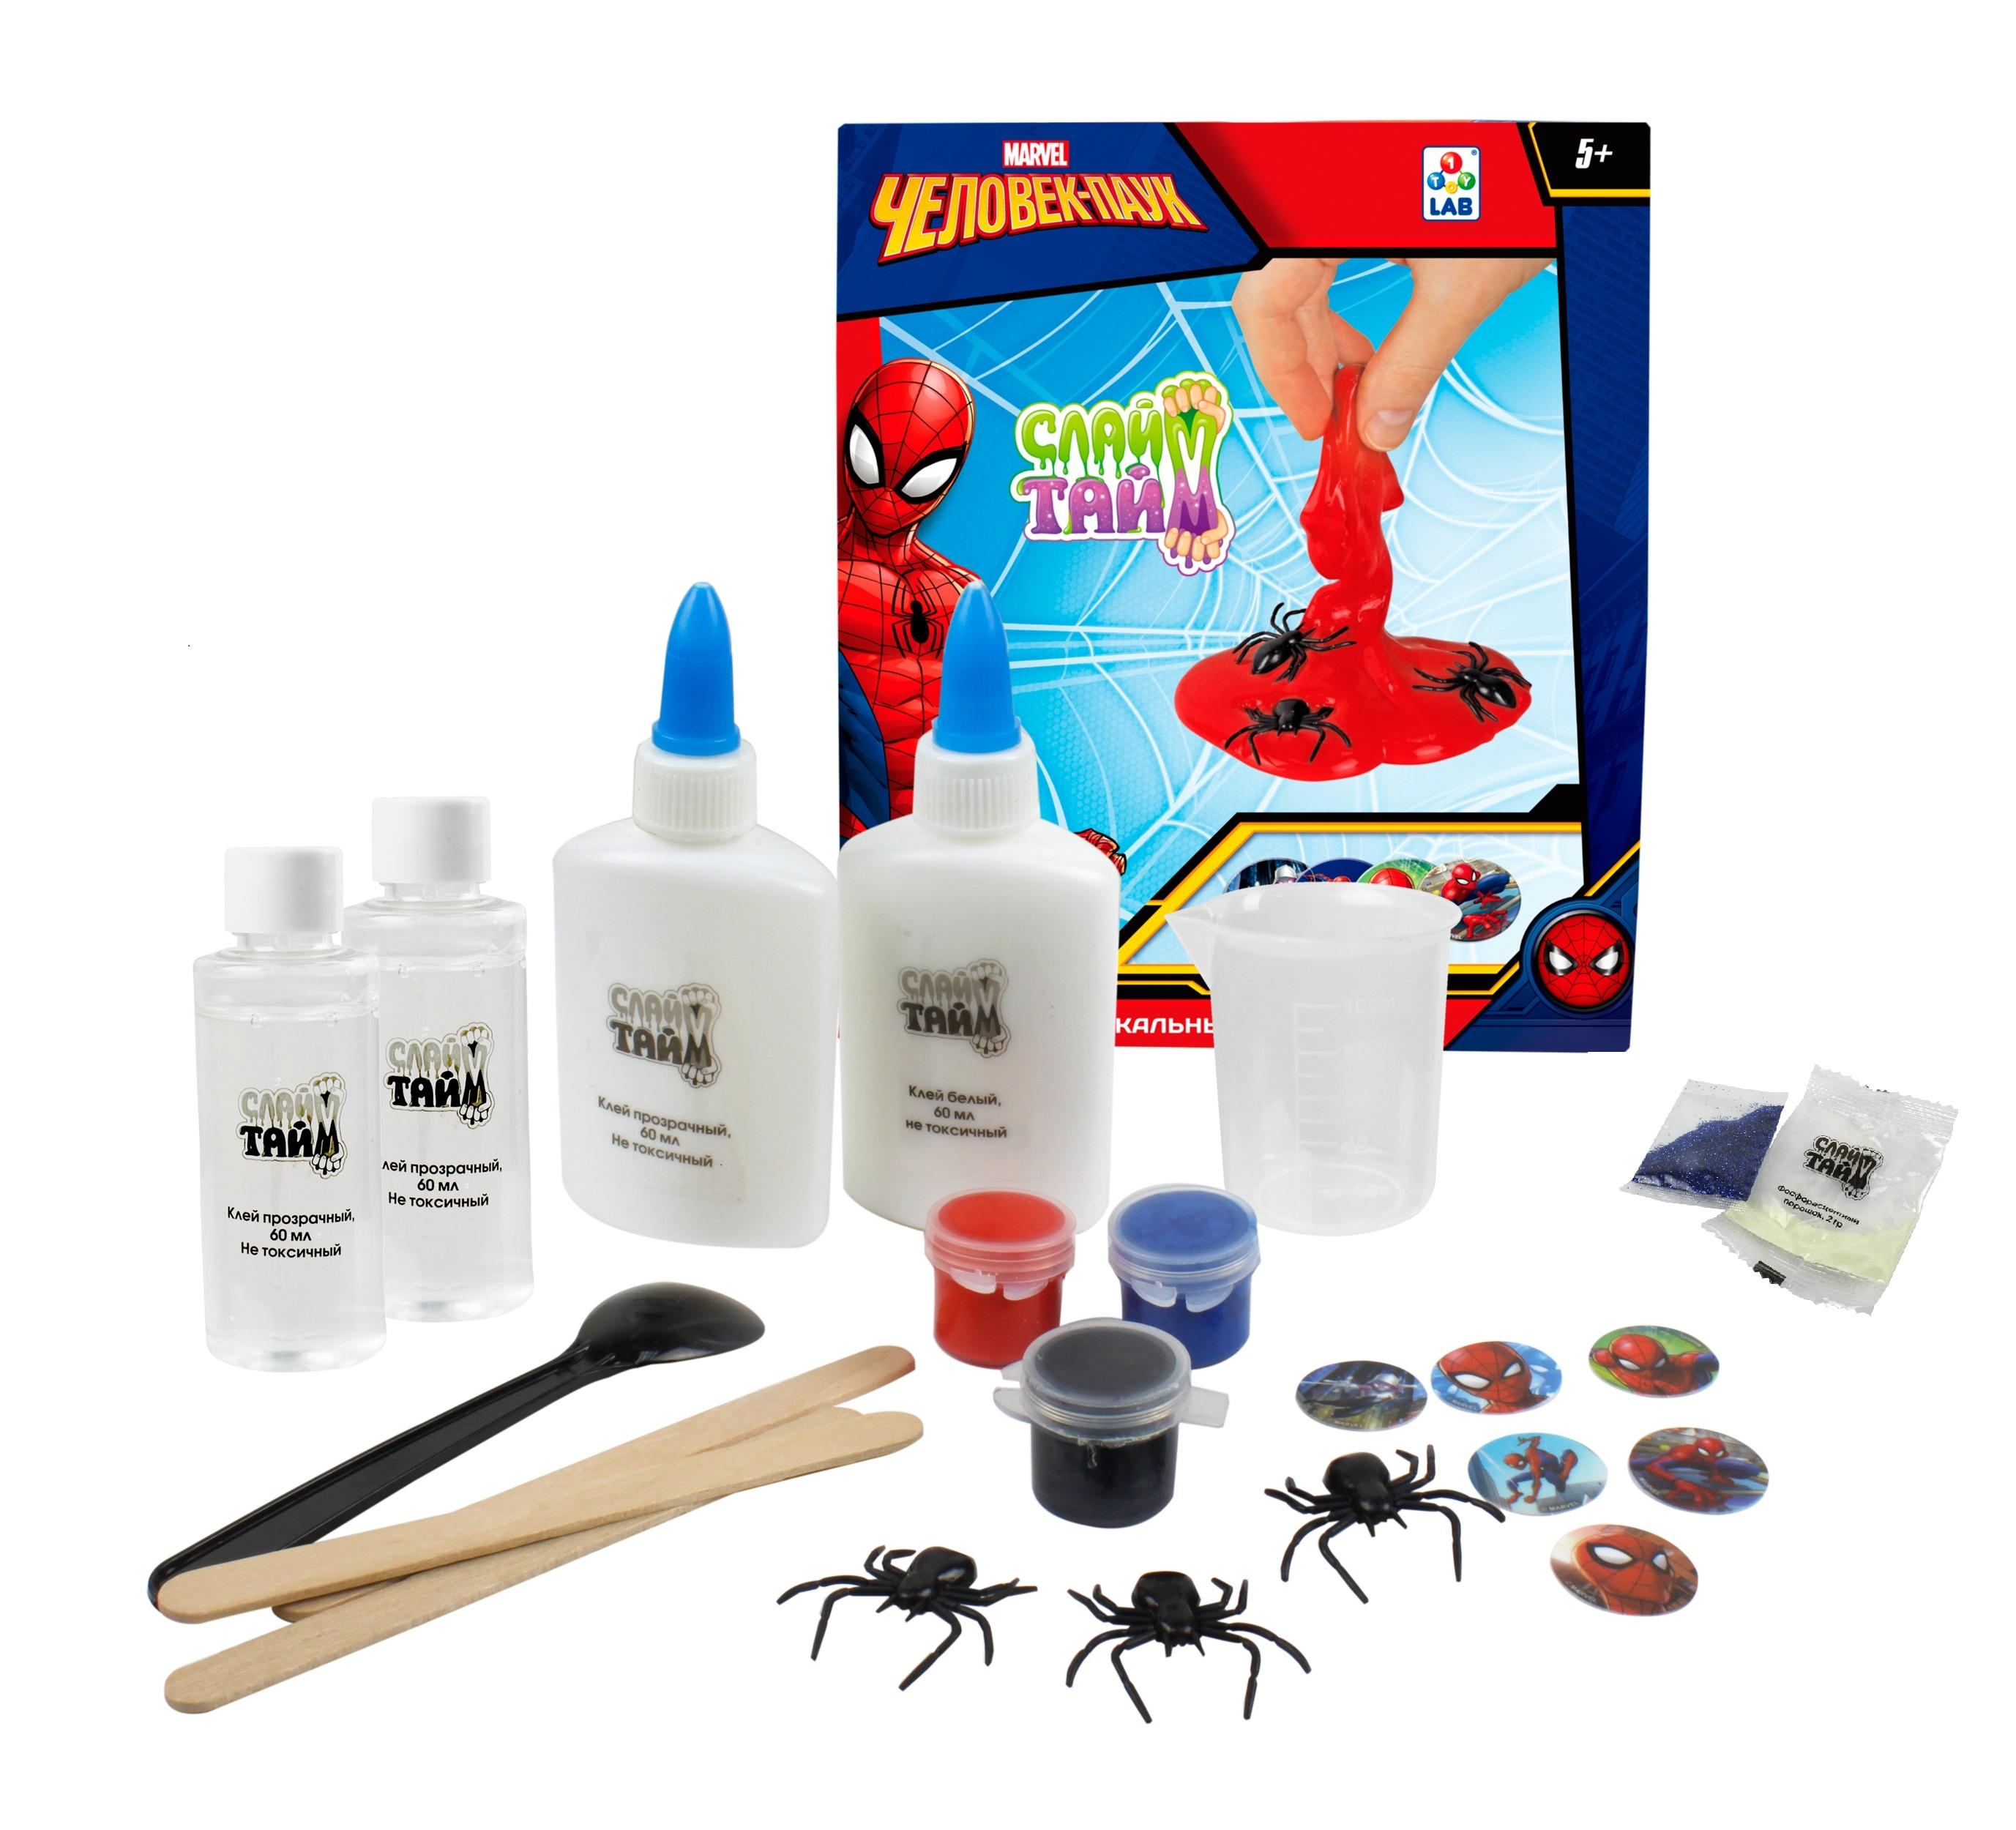 Набор для изготовления слайм 1toy Слайм Тайм. Человек паук набор для изготовления слайма 1toy слайм тайм человек паук т14293 красный